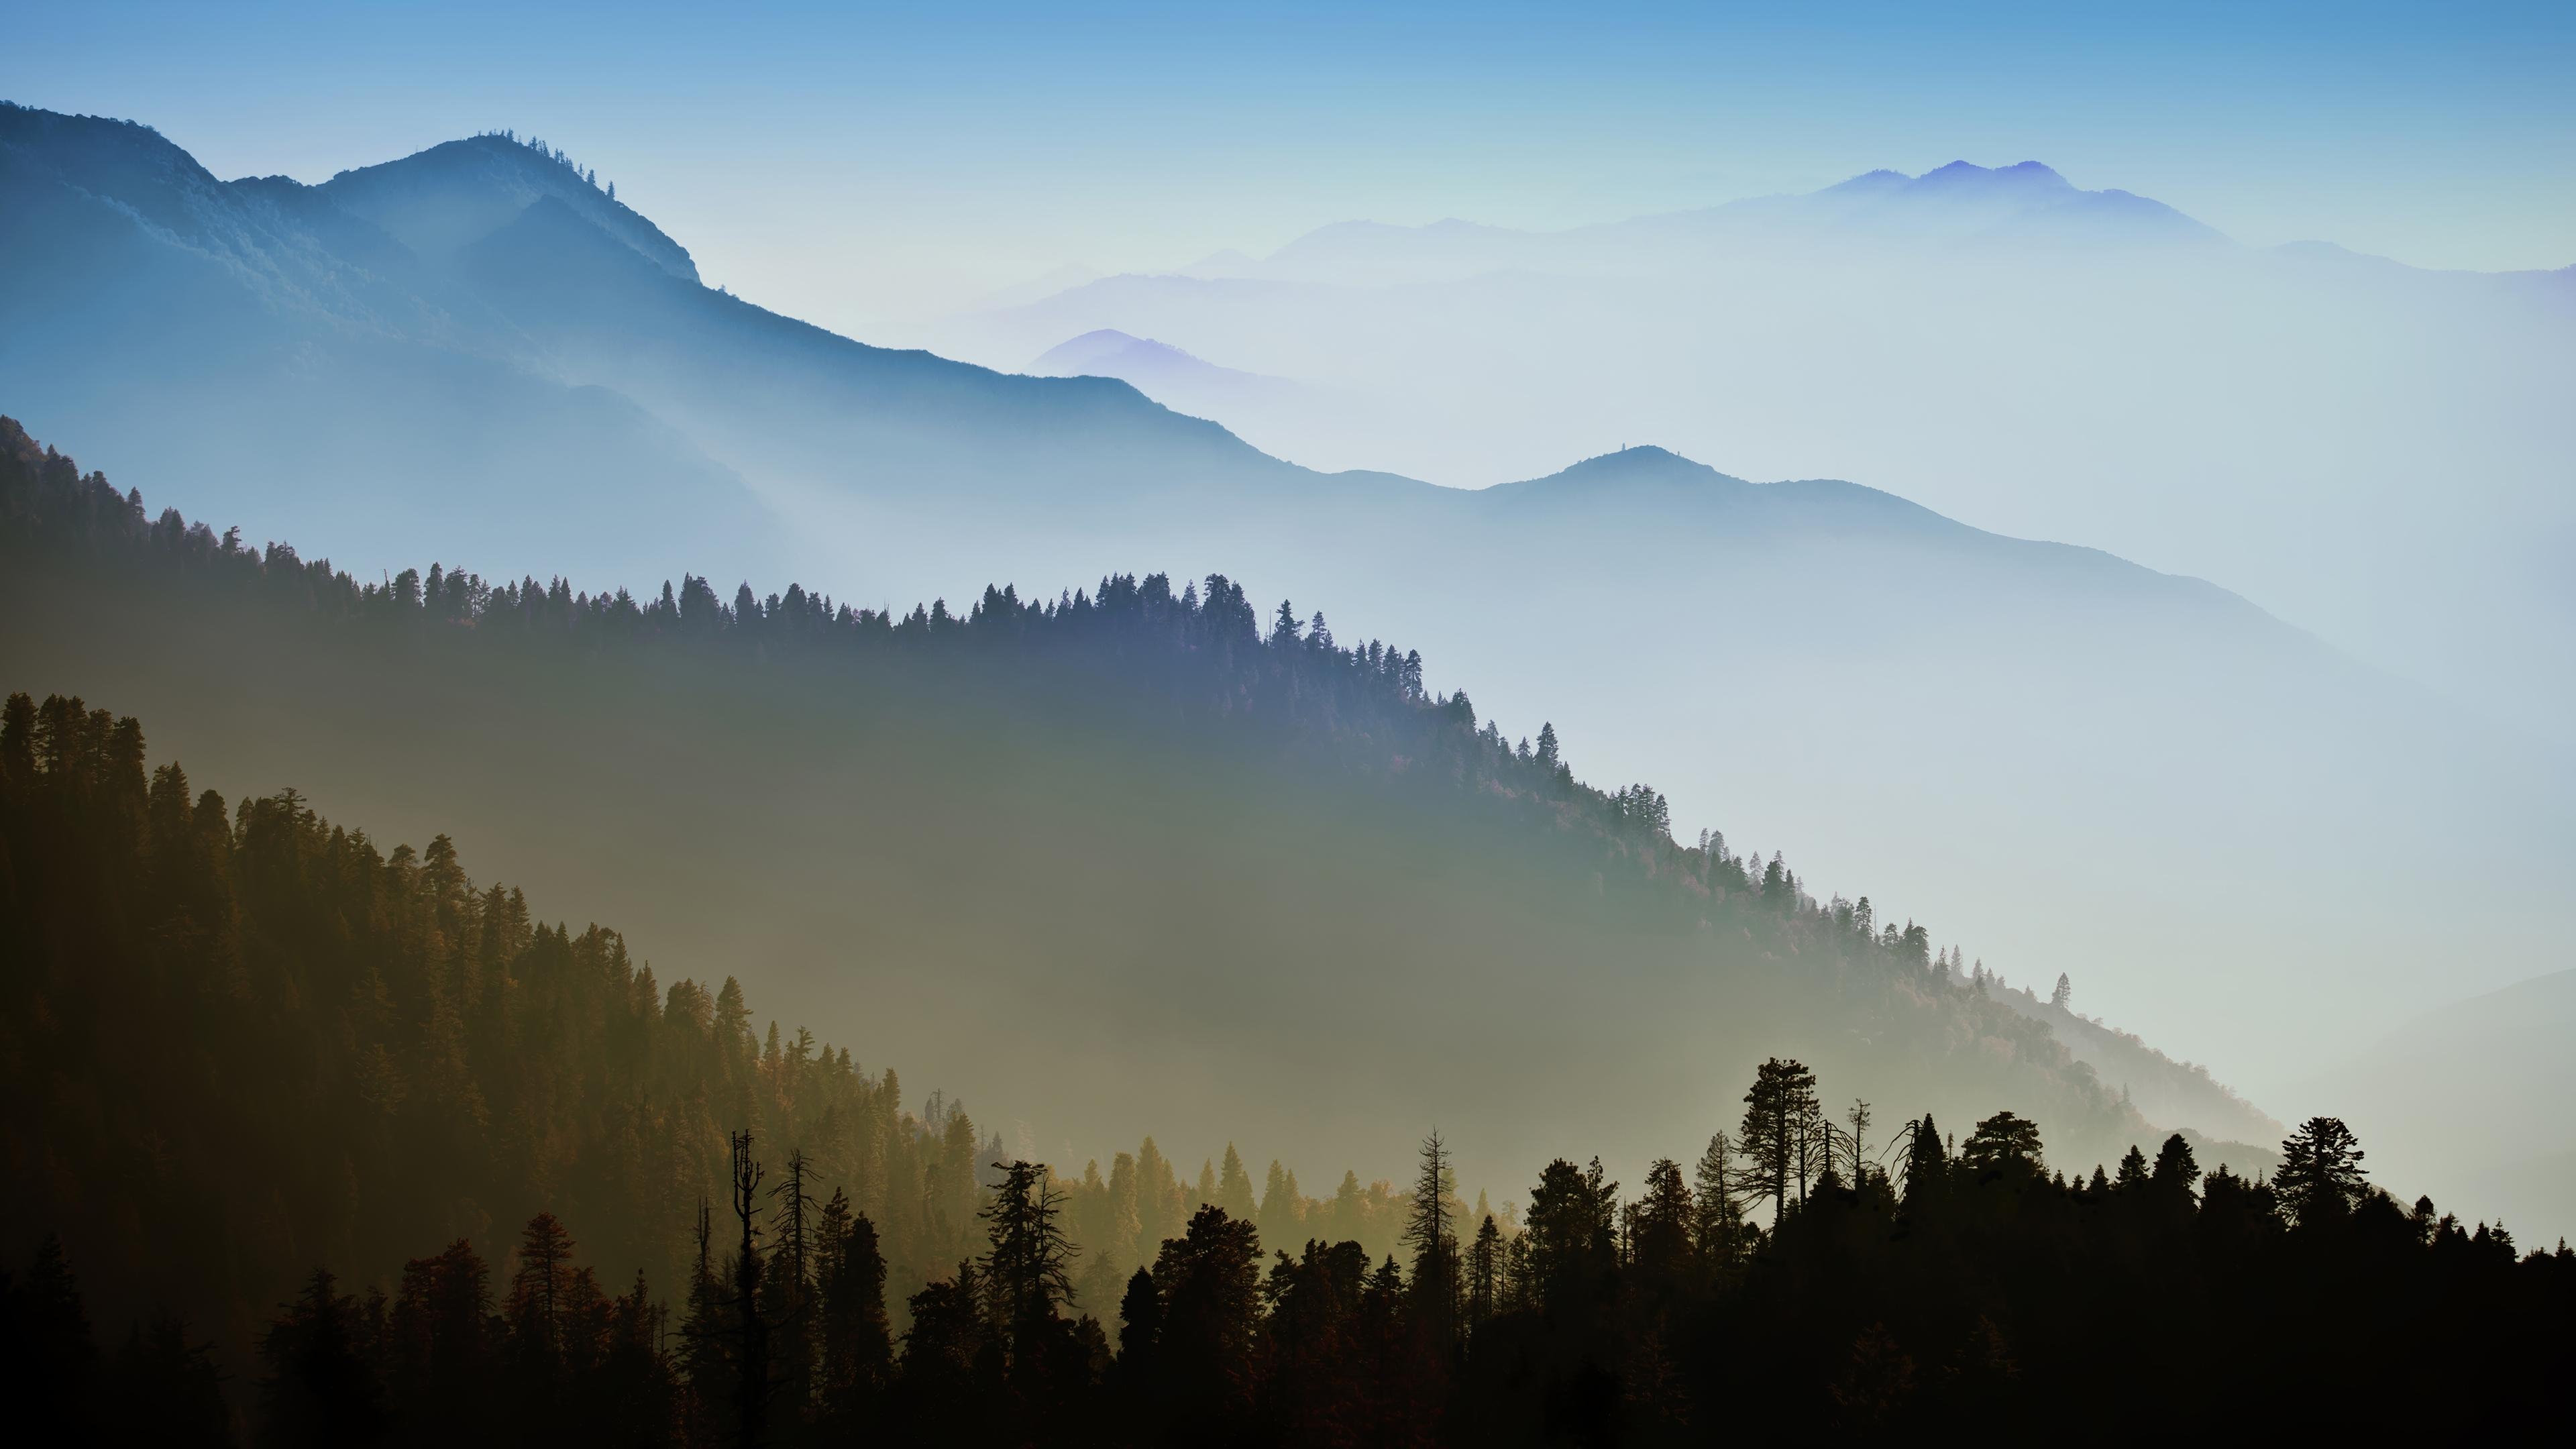 Fantastic Wallpaper Mountain Fog - Nature-Mountain-Range-Fog-Sunrise-3840-x-2160  Snapshot_42754.jpg